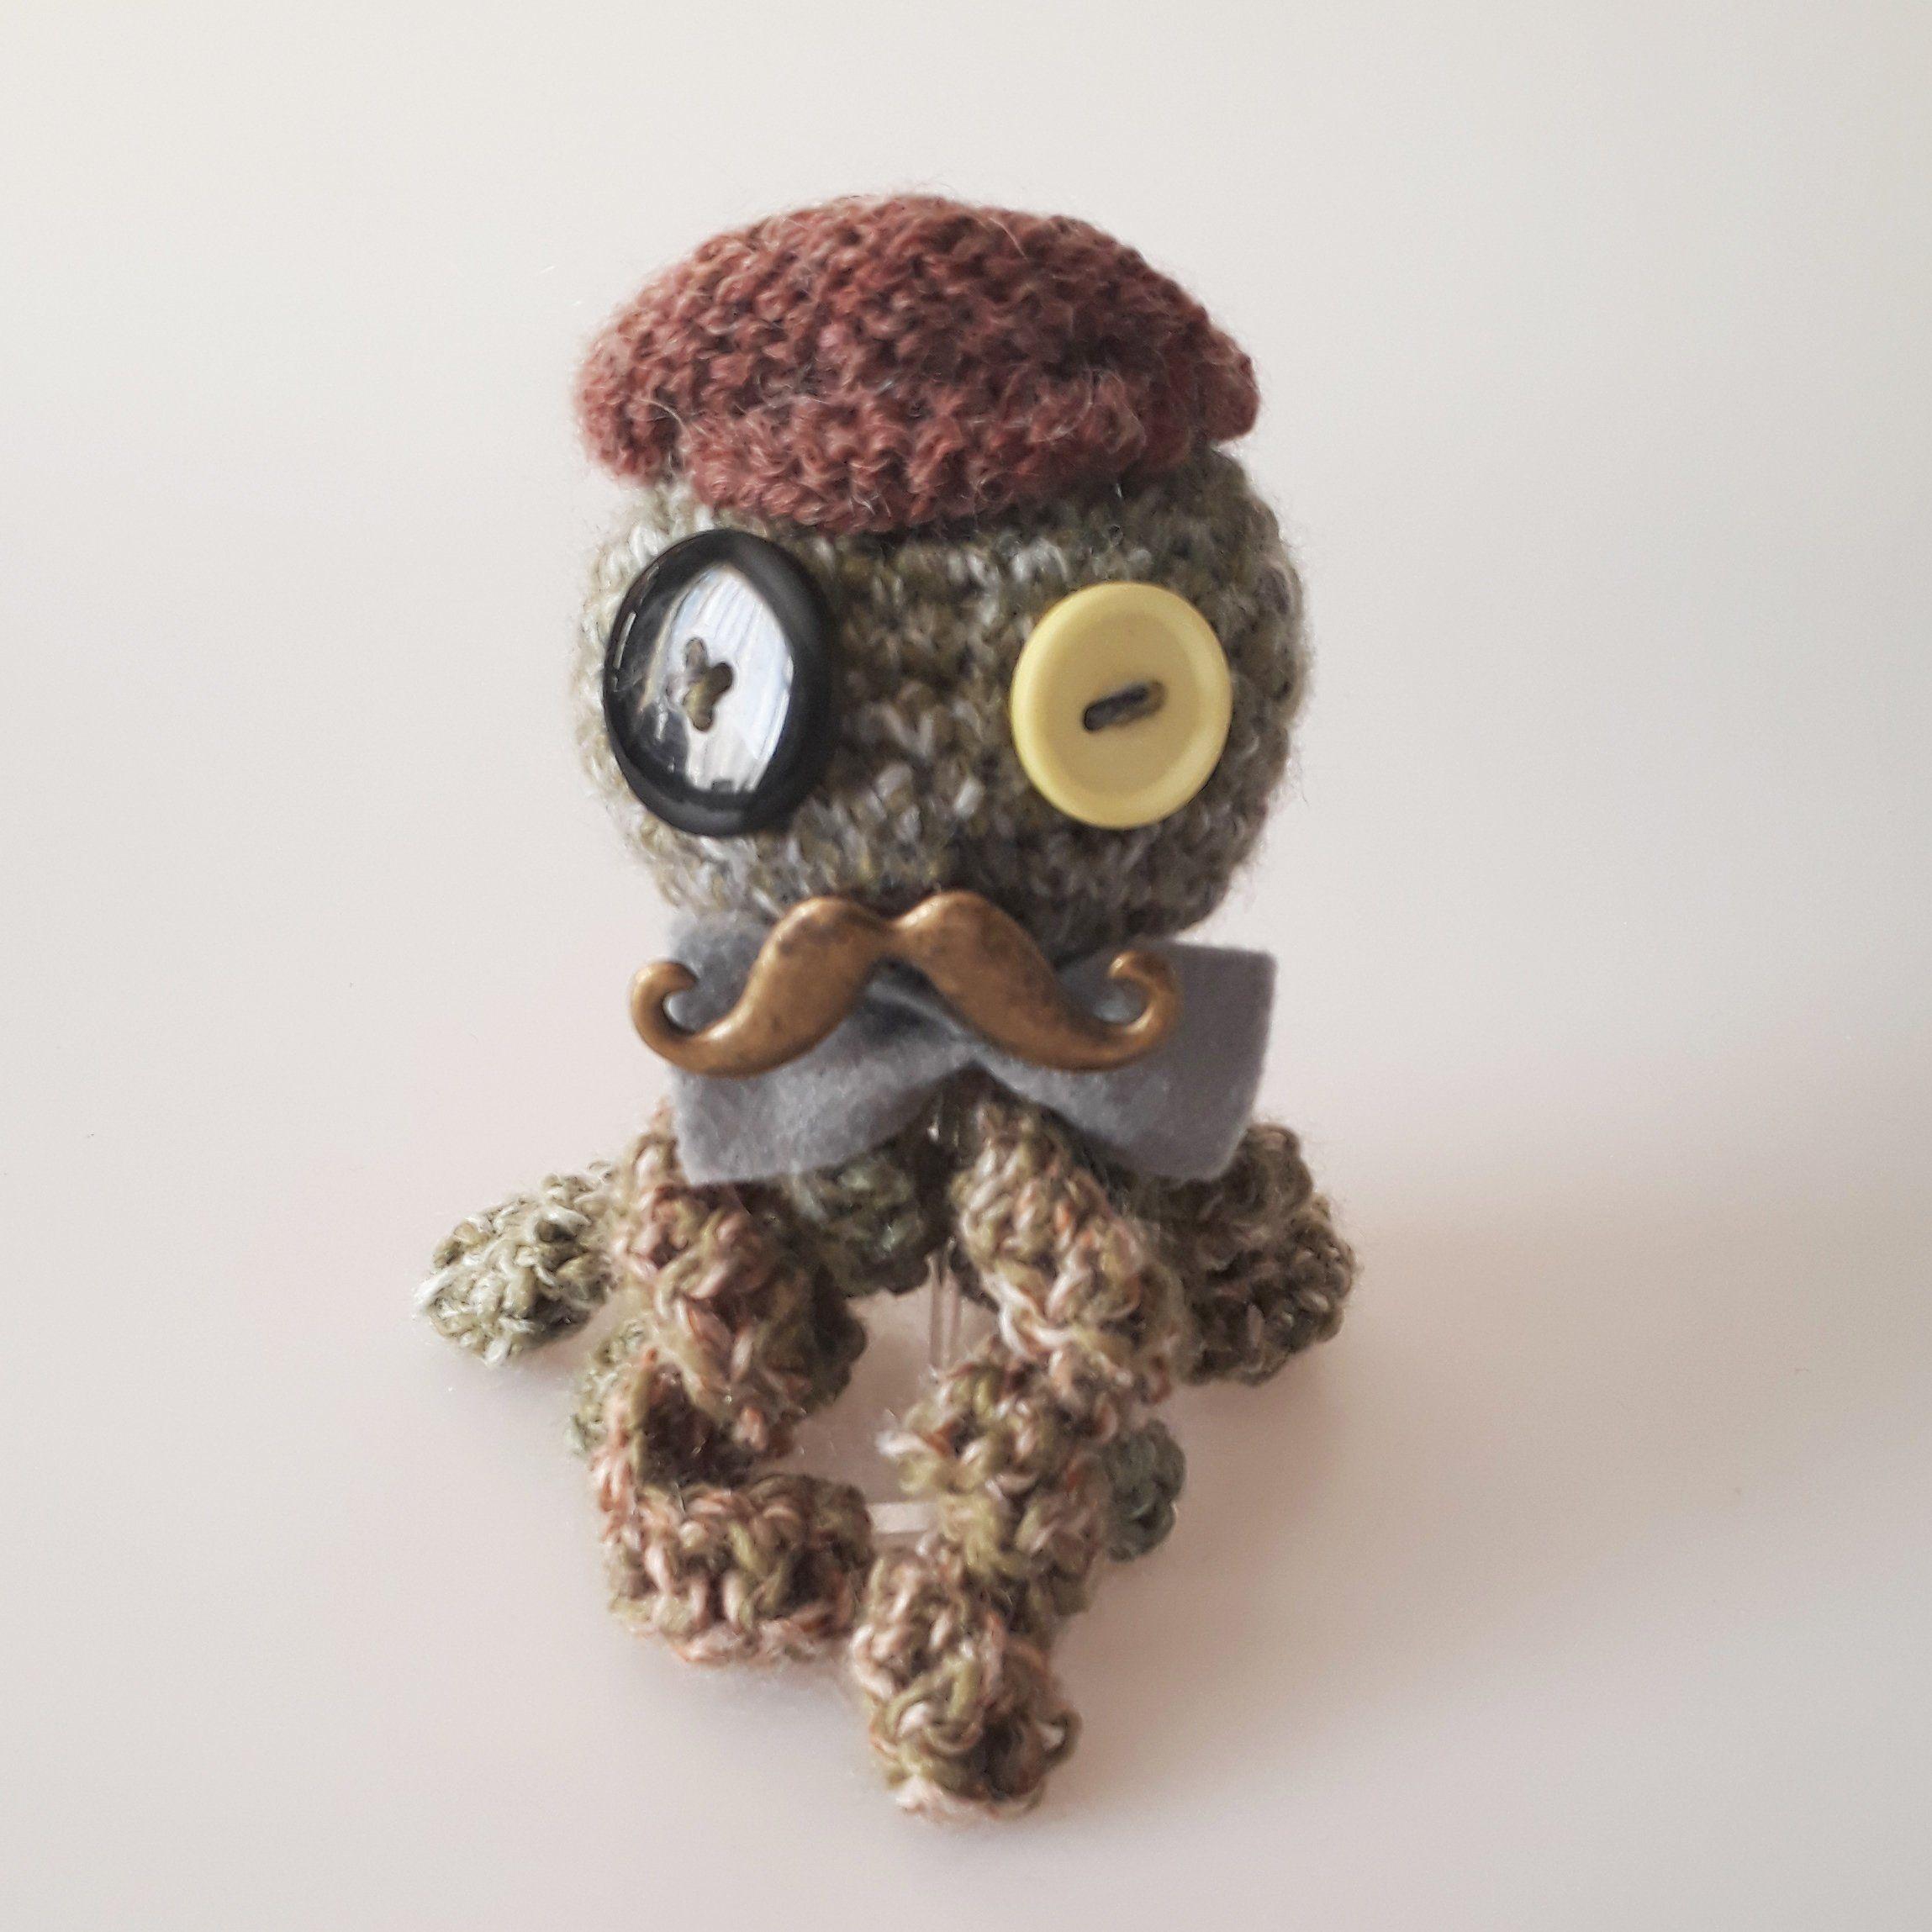 Perro Yorkshire terrier a crochet - Tutorial paso a paso | Perro ... | 2298x2298